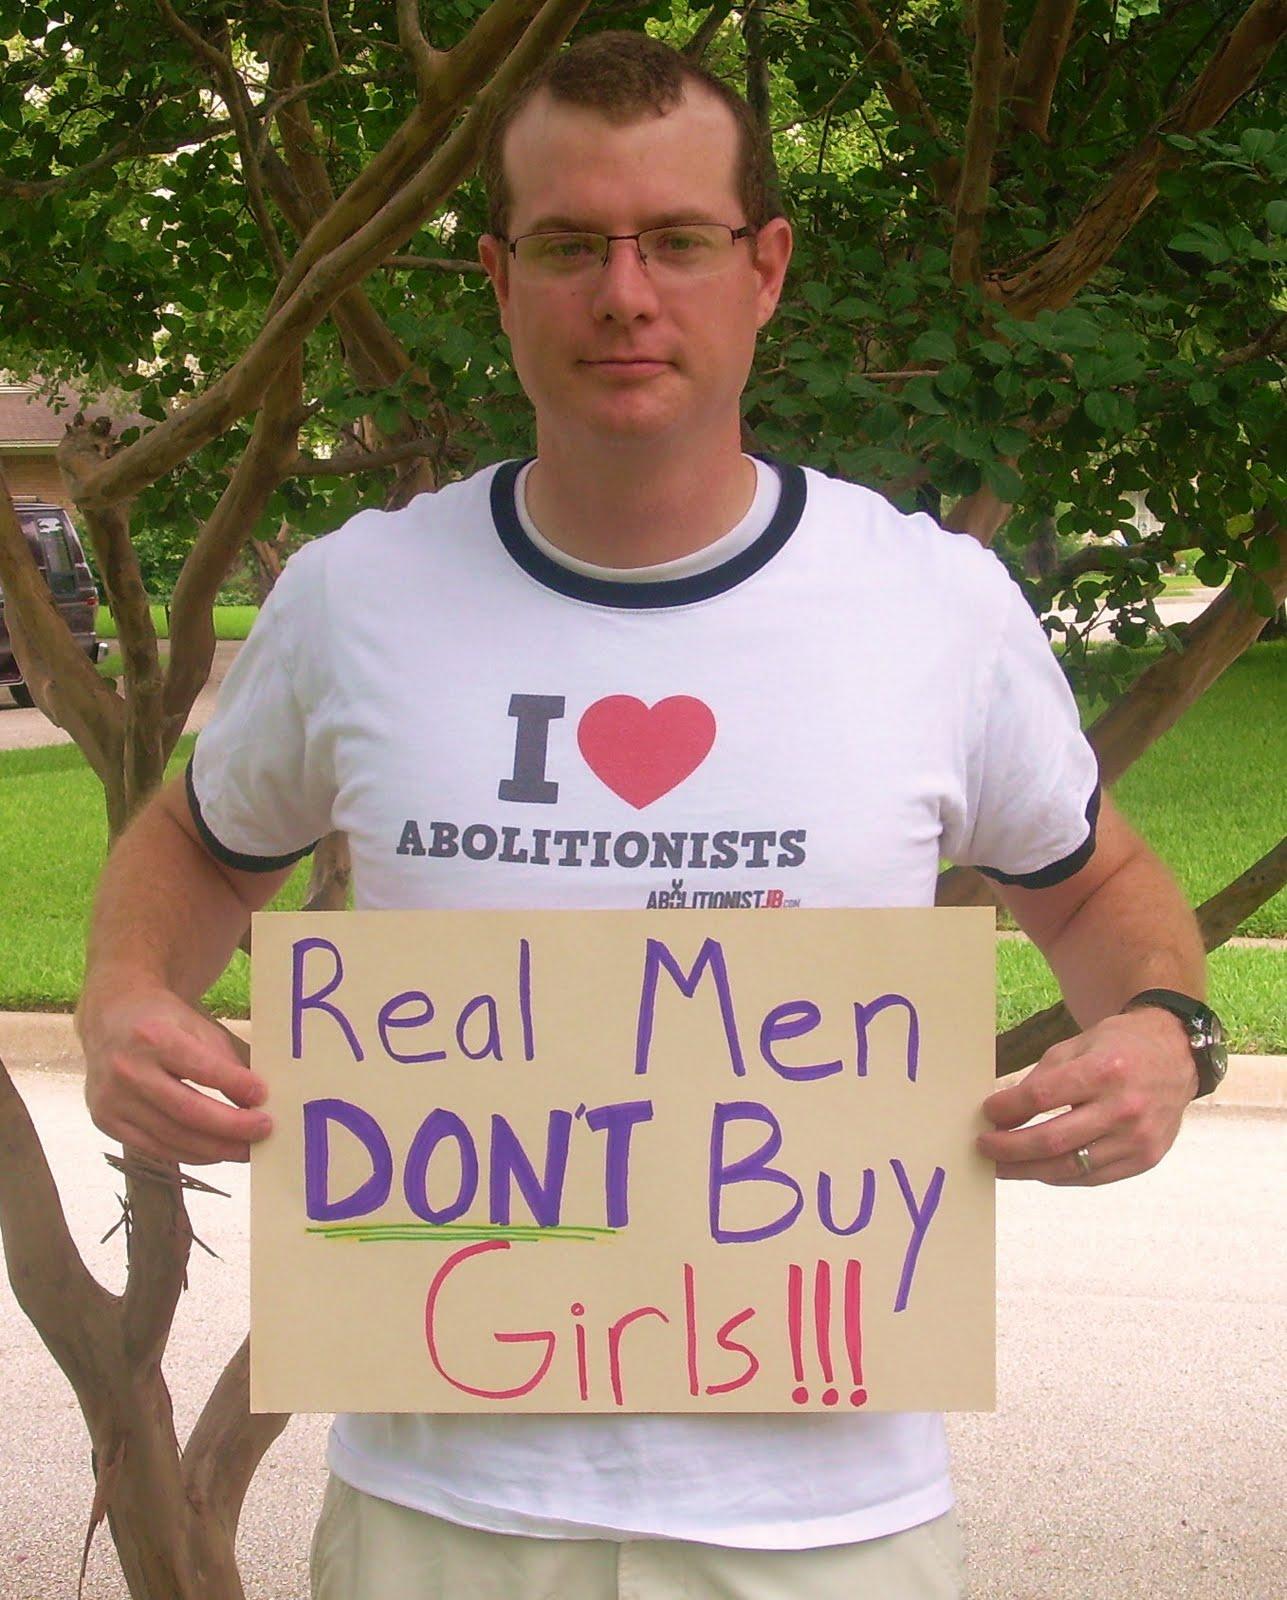 http://2.bp.blogspot.com/_2dj3nZJui6g/TMLVBzdcC_I/AAAAAAAAAQA/FZjCP8rTHx0/s1600/AbolitionistJB%2BReal%2BMen%2B3.JPG